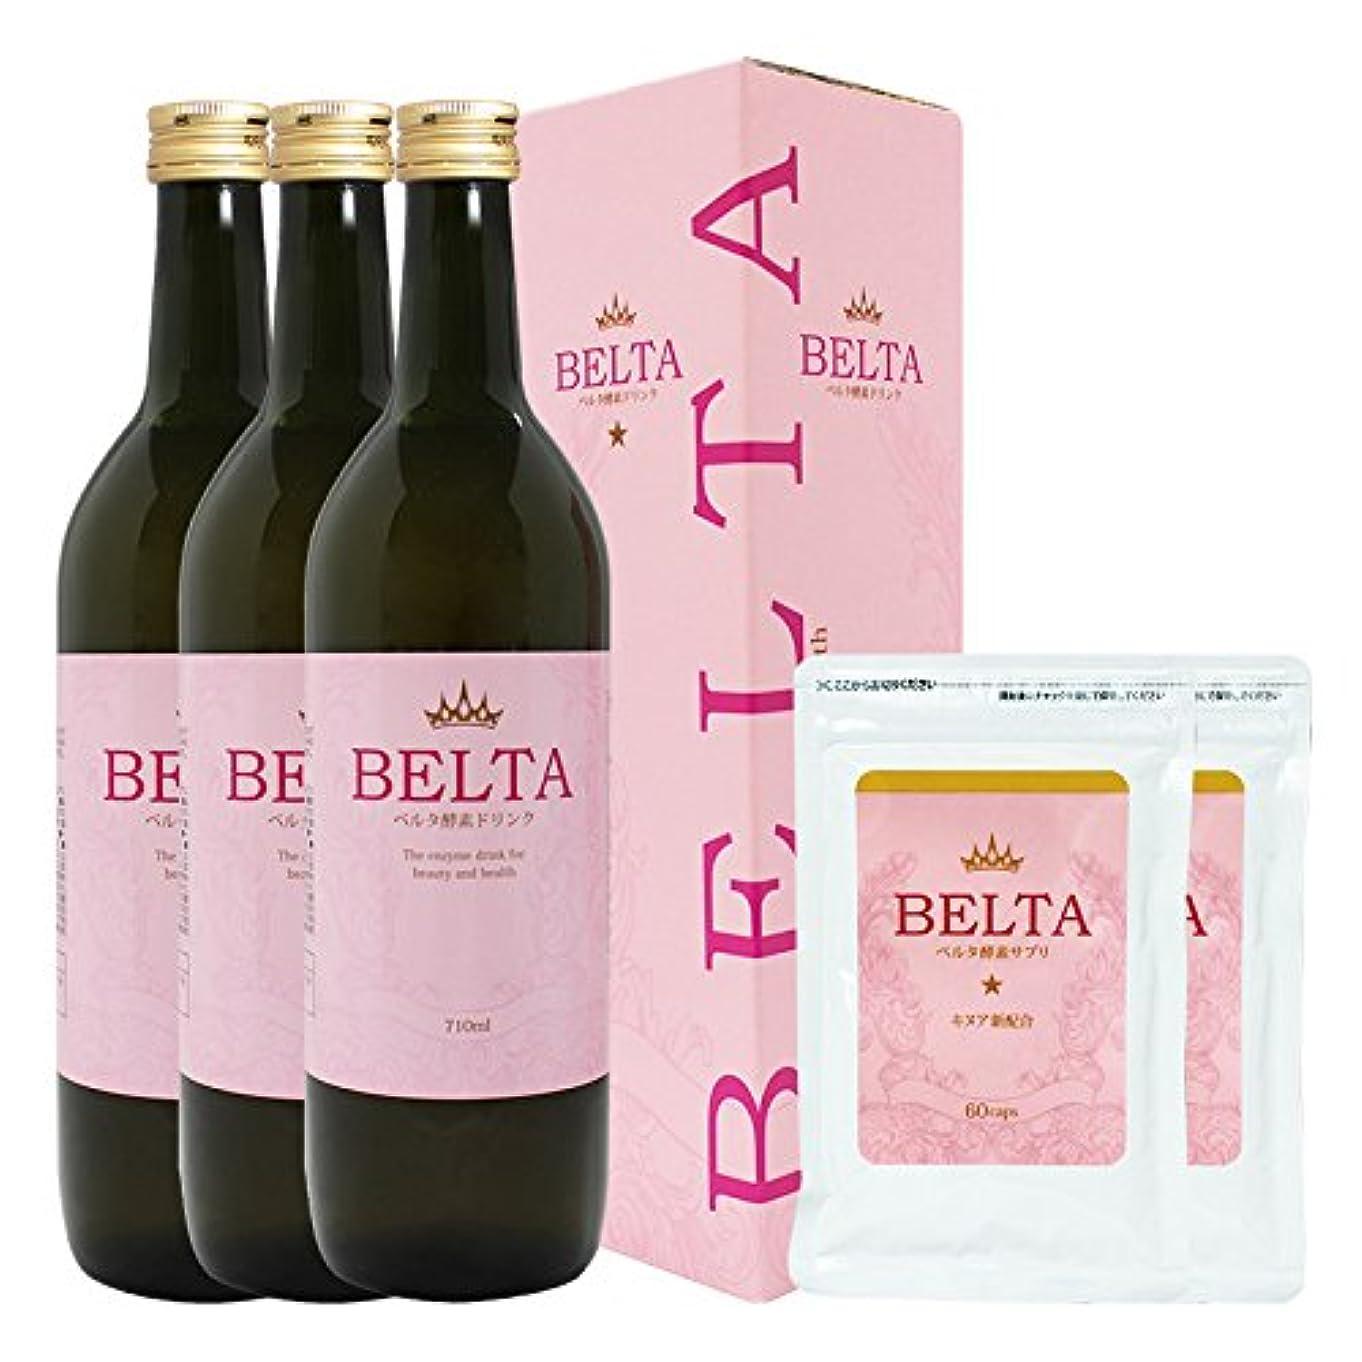 コスチュームペフ咲くBELTA ベルタ酵素ドリンク 即ダイエットパック(ベルタ酵素ドリンク (710ml) 3本 ベルタ酵素サプリメント(60粒) 2袋) 置き換え ダイエット ファスティング 断食 すっきり飲みやすいピーチ味